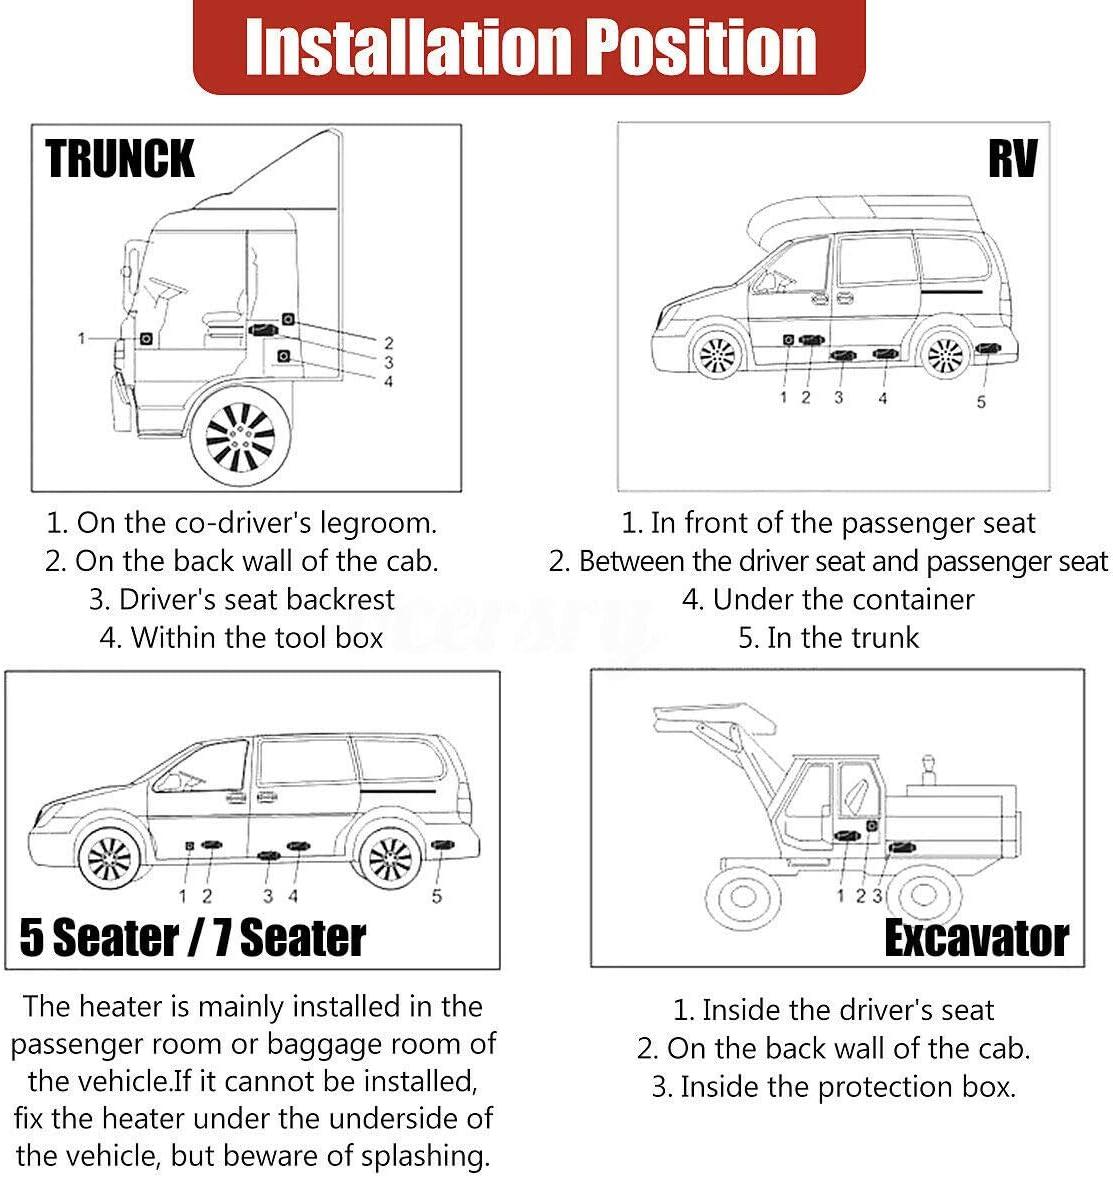 Diesel Standheizung Kraftstoff Standheizung Kompaktes Warmluftgebl/äse Generic Savada 12V 8KW Diesel Lufterhitzer Kit rot